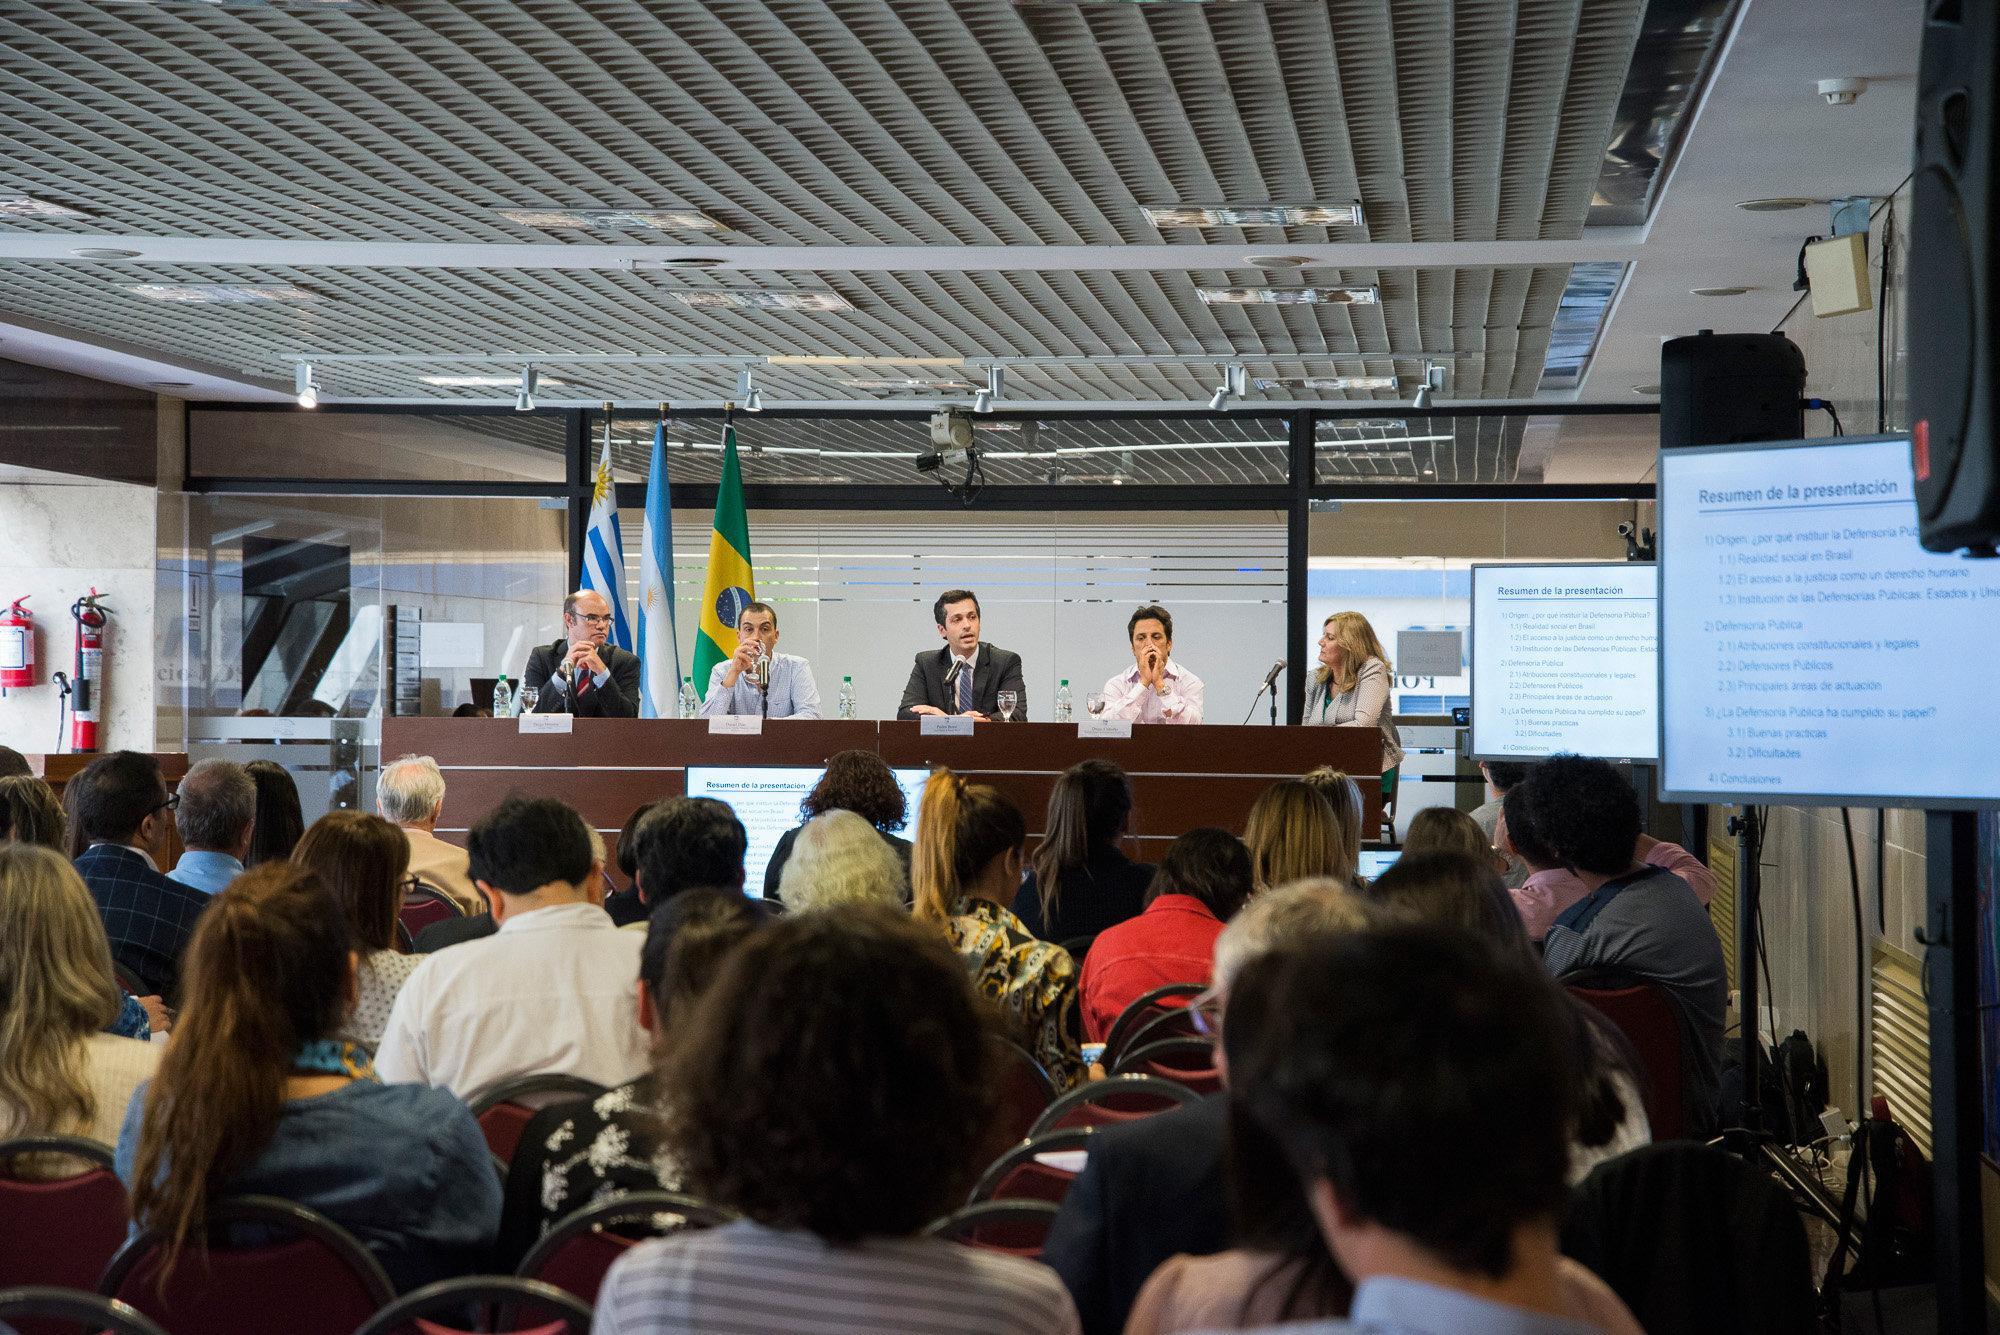 Pedro Bossi (centro), durante su exposición en el IX Espacio de Innovación Penitenciaria